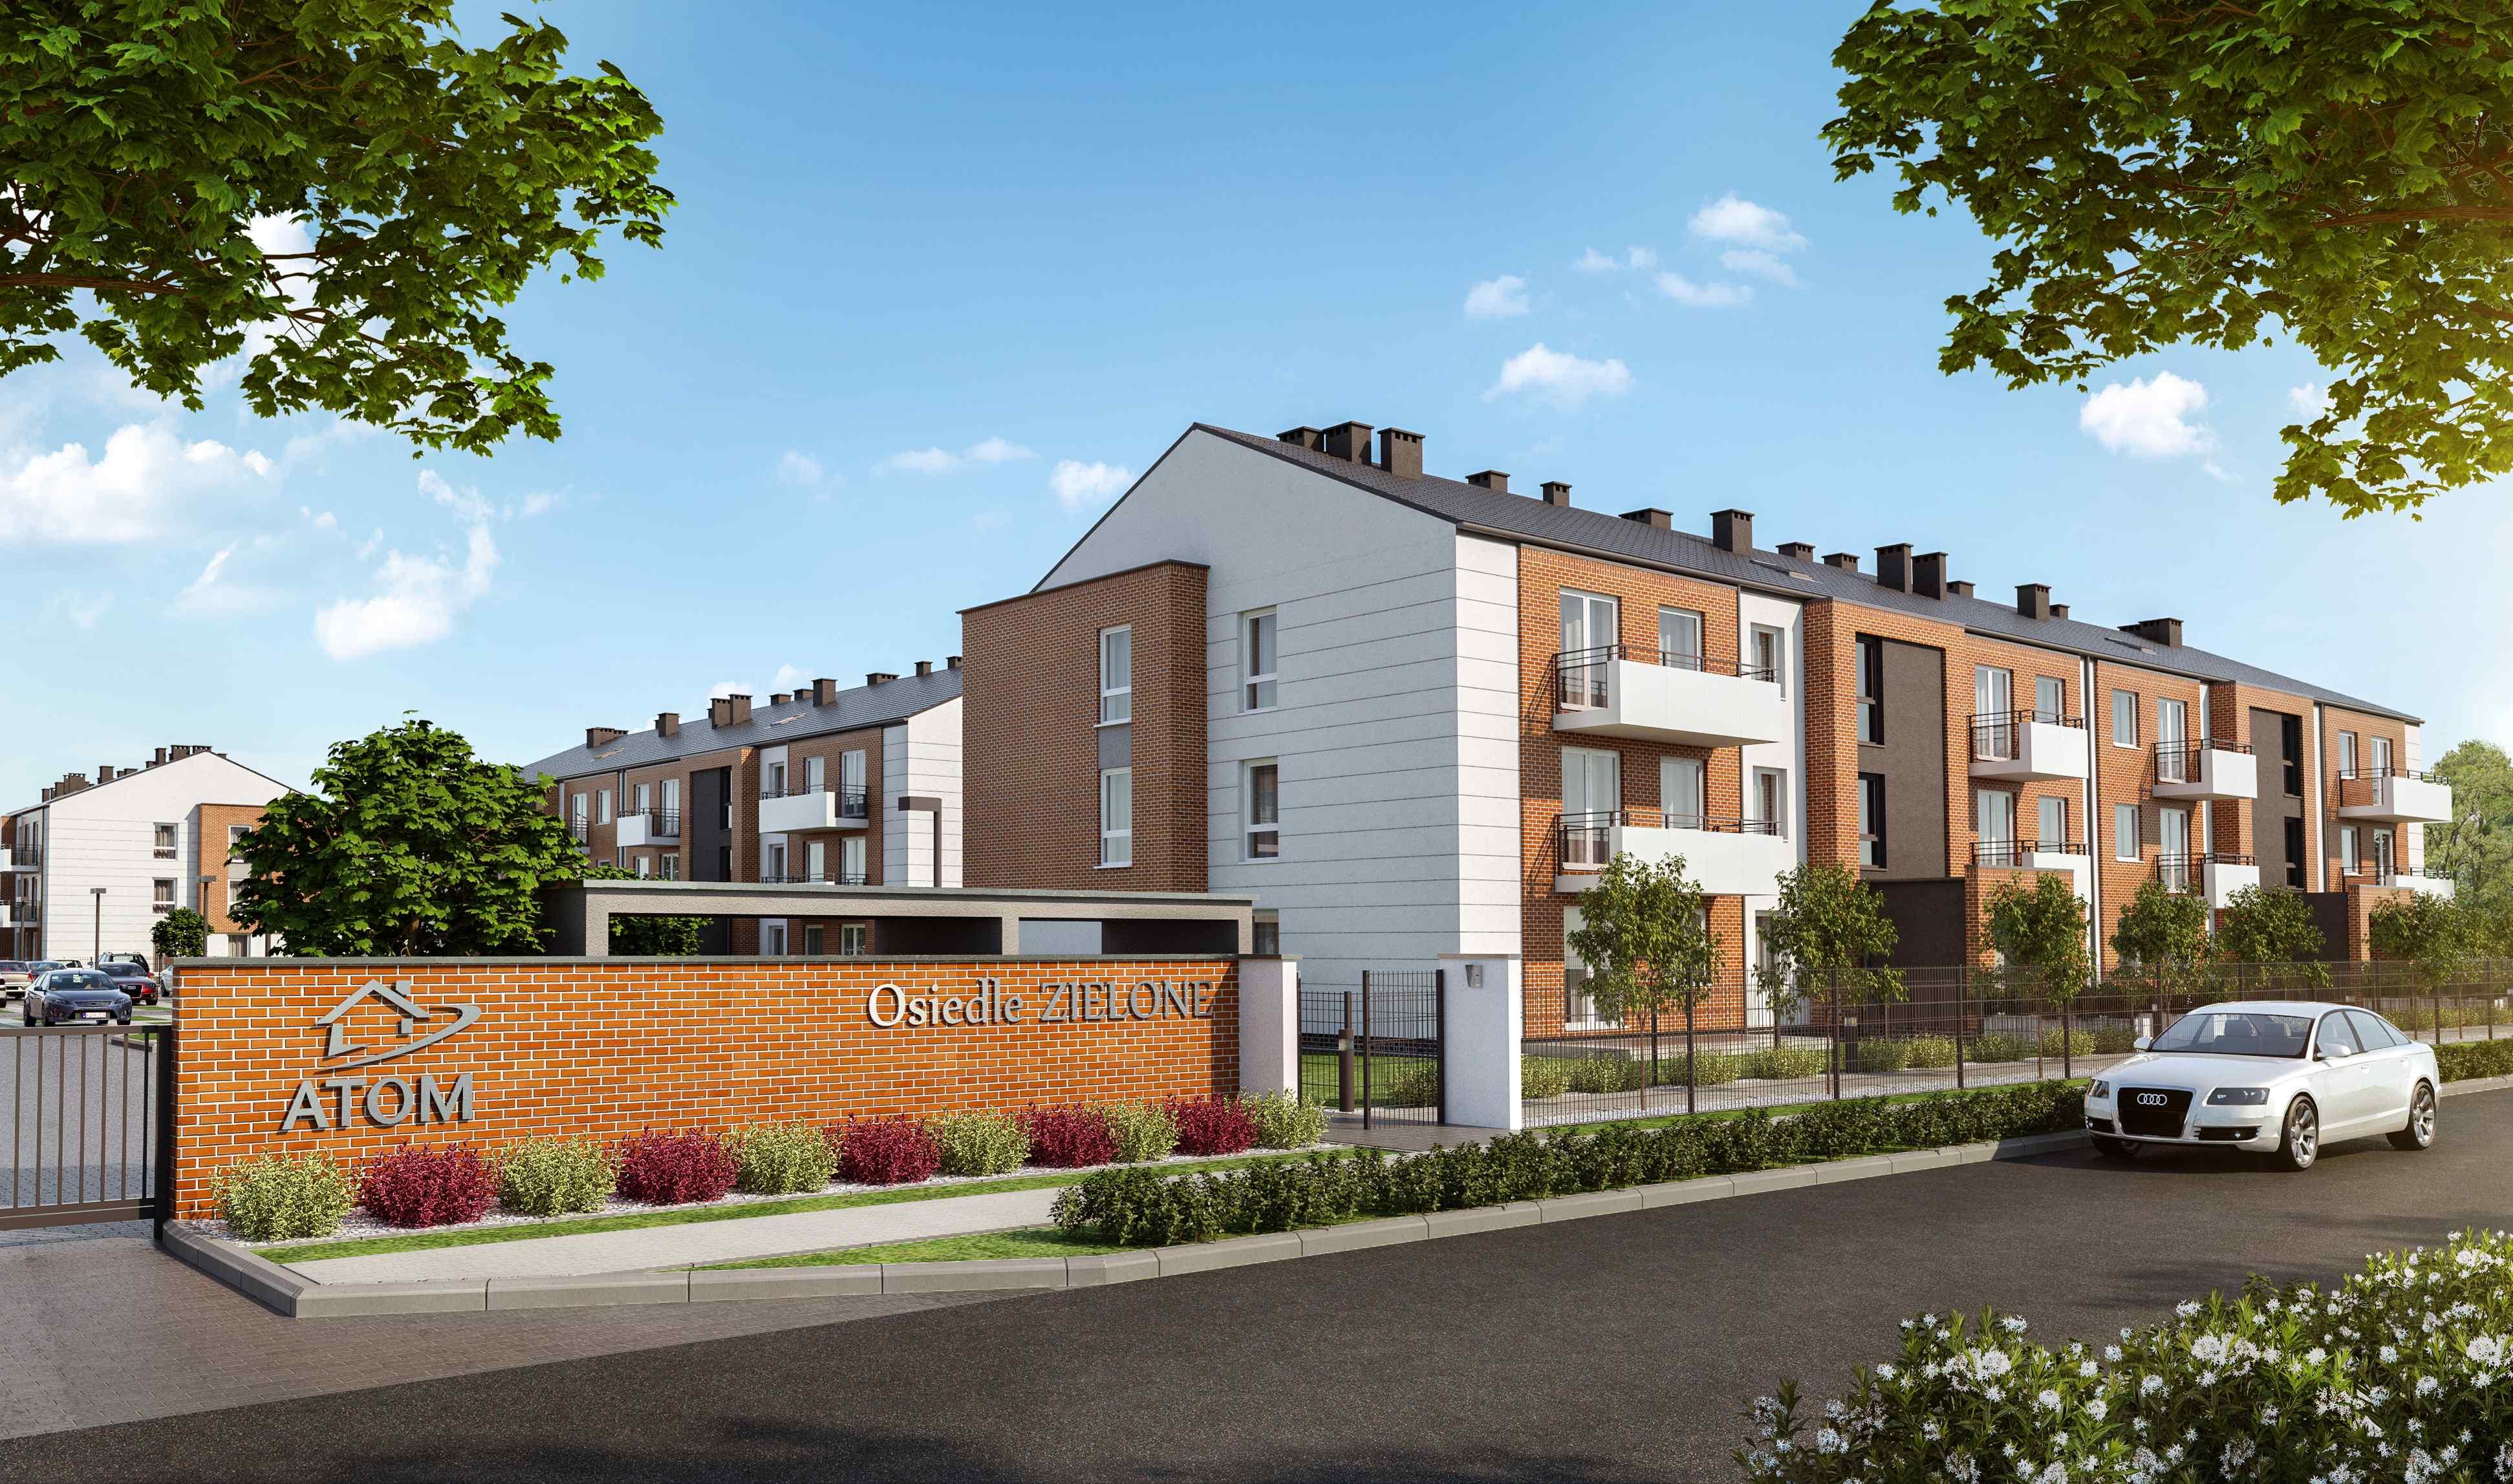 Nowe mieszkanie Siechnice 40.10m2, mieszkanie na sprzedaż